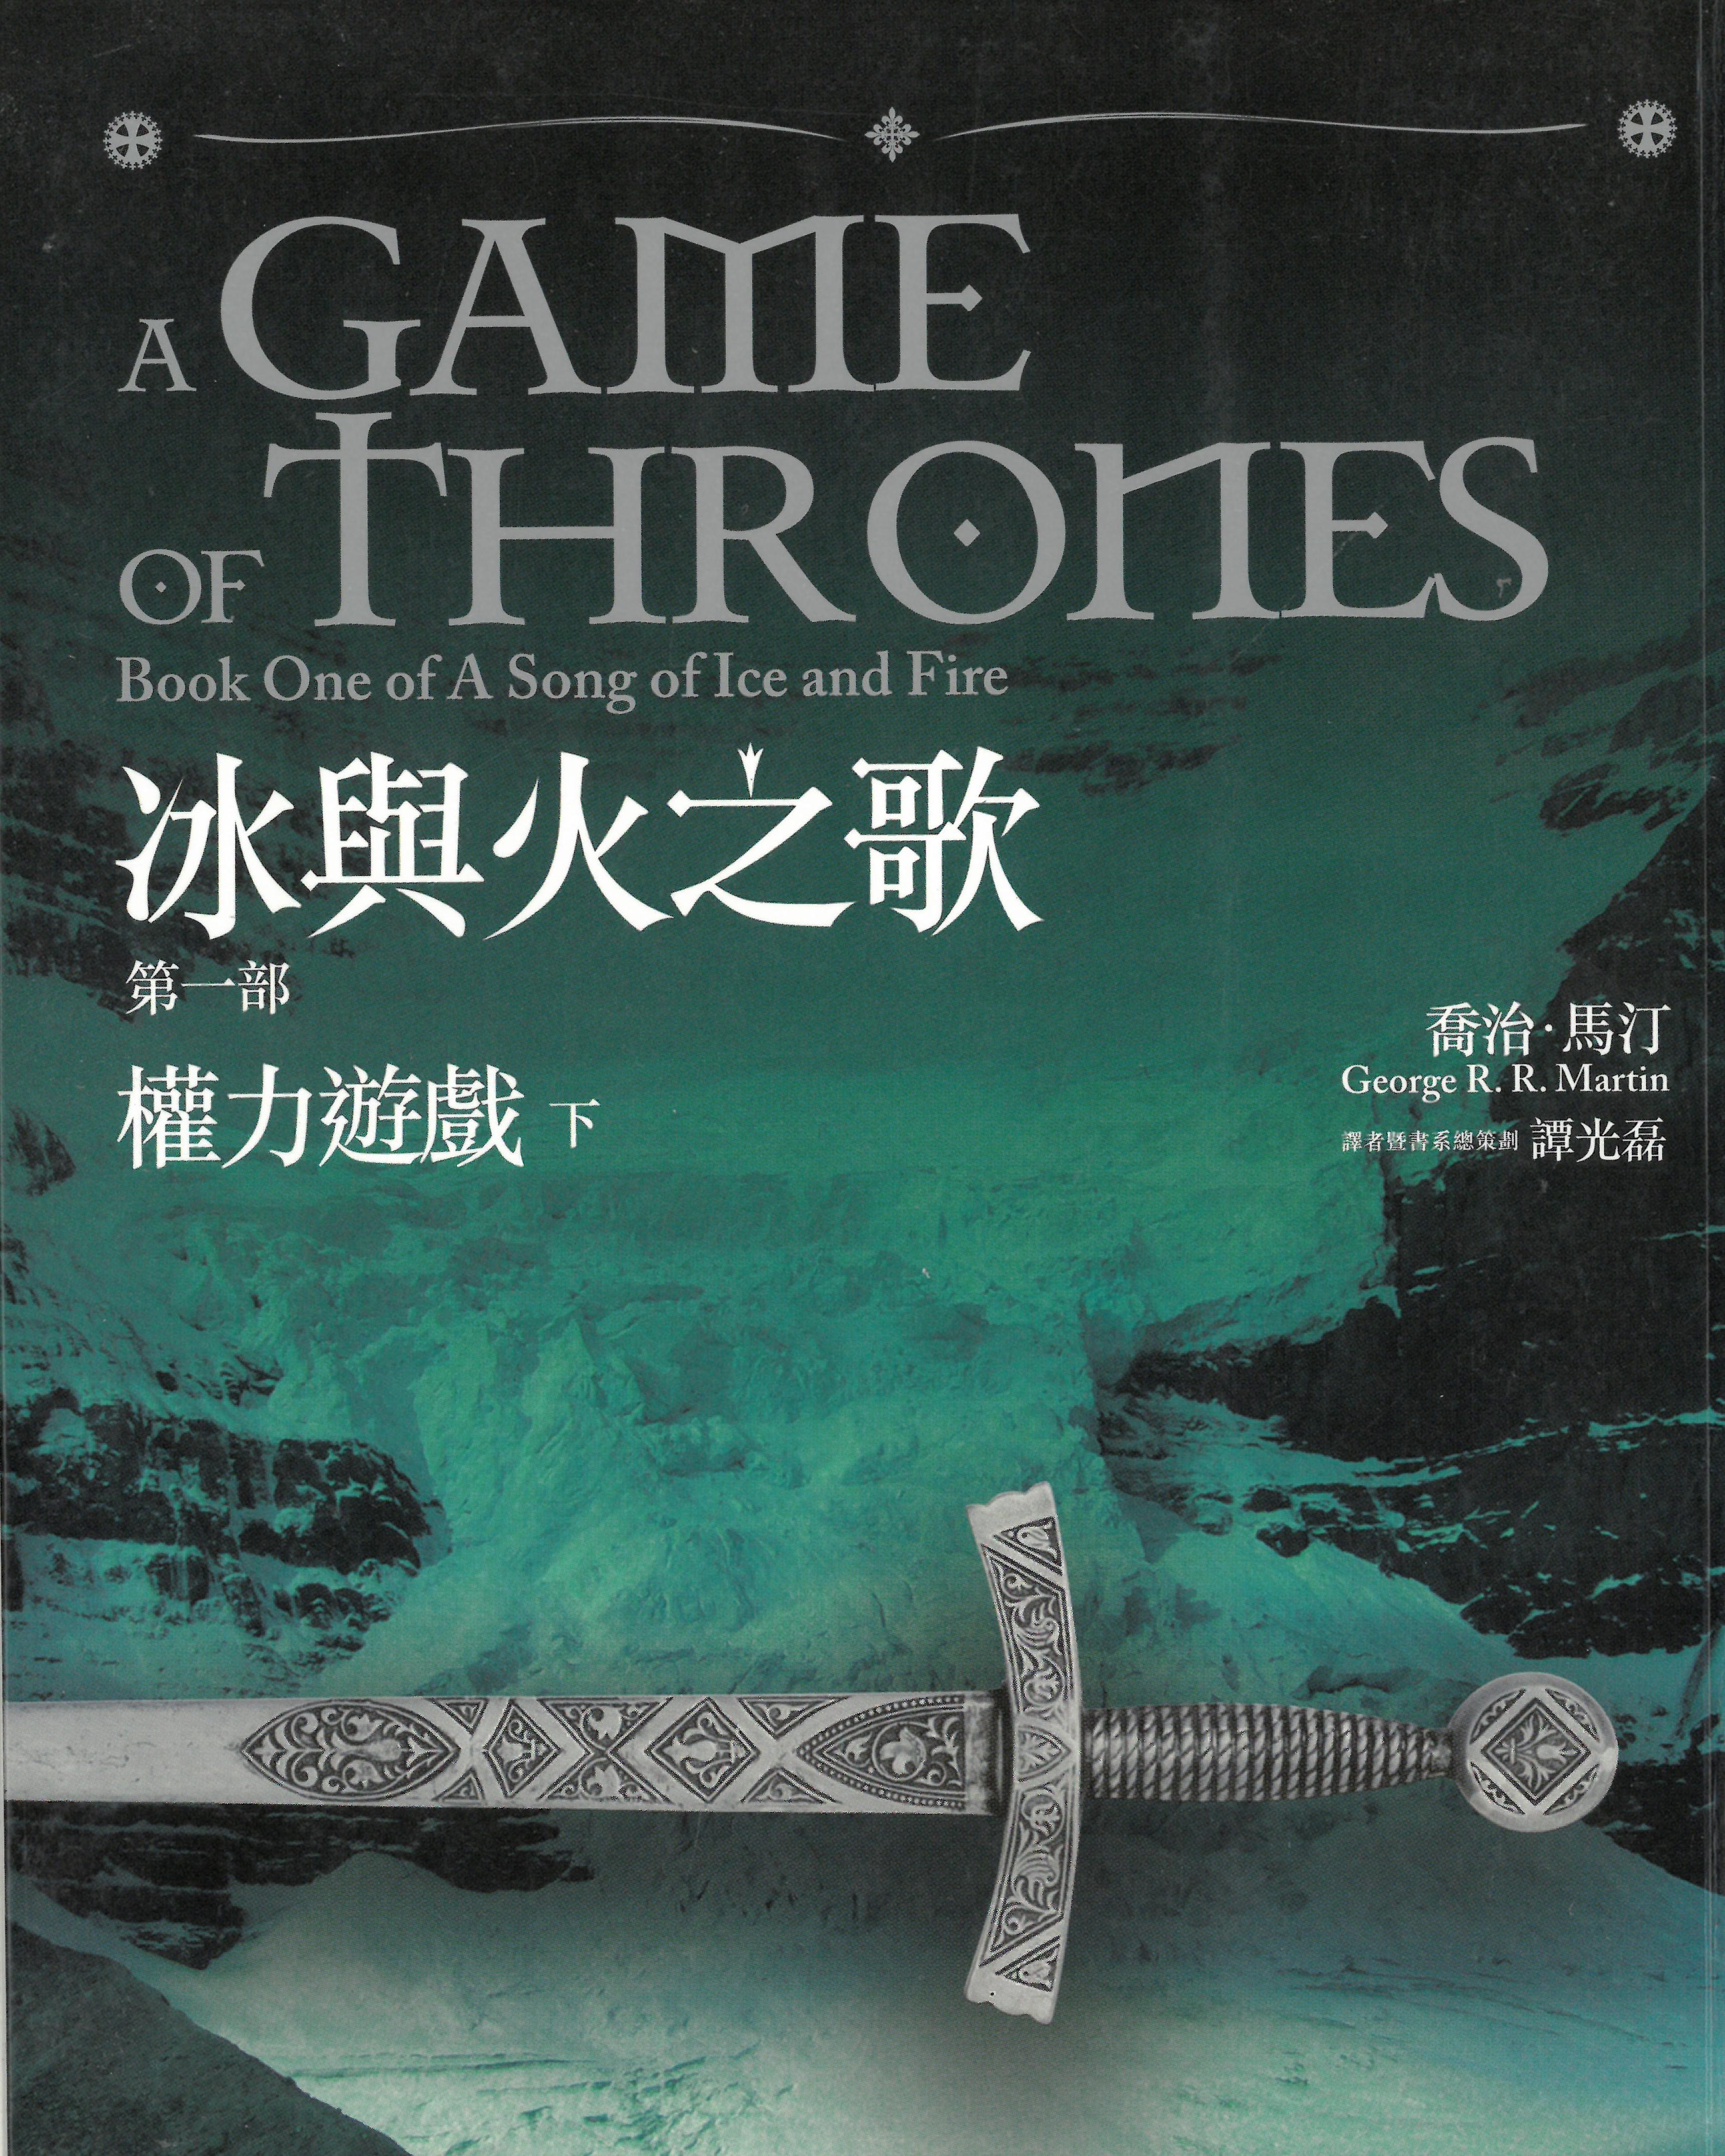 冰與火之歌 第一部 權力遊戲 -  下 (封面)